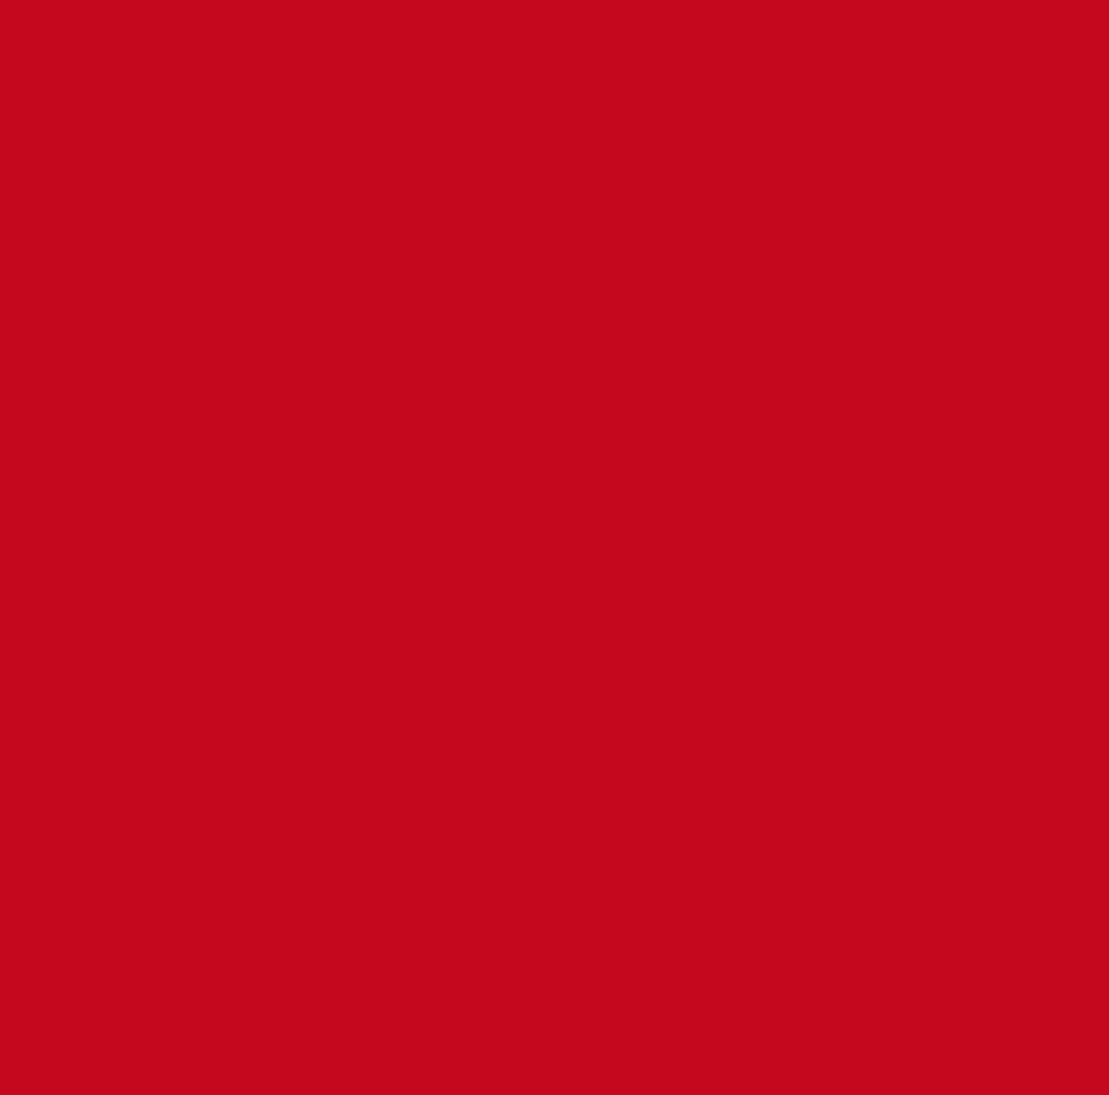 Logo du groupe de musique V